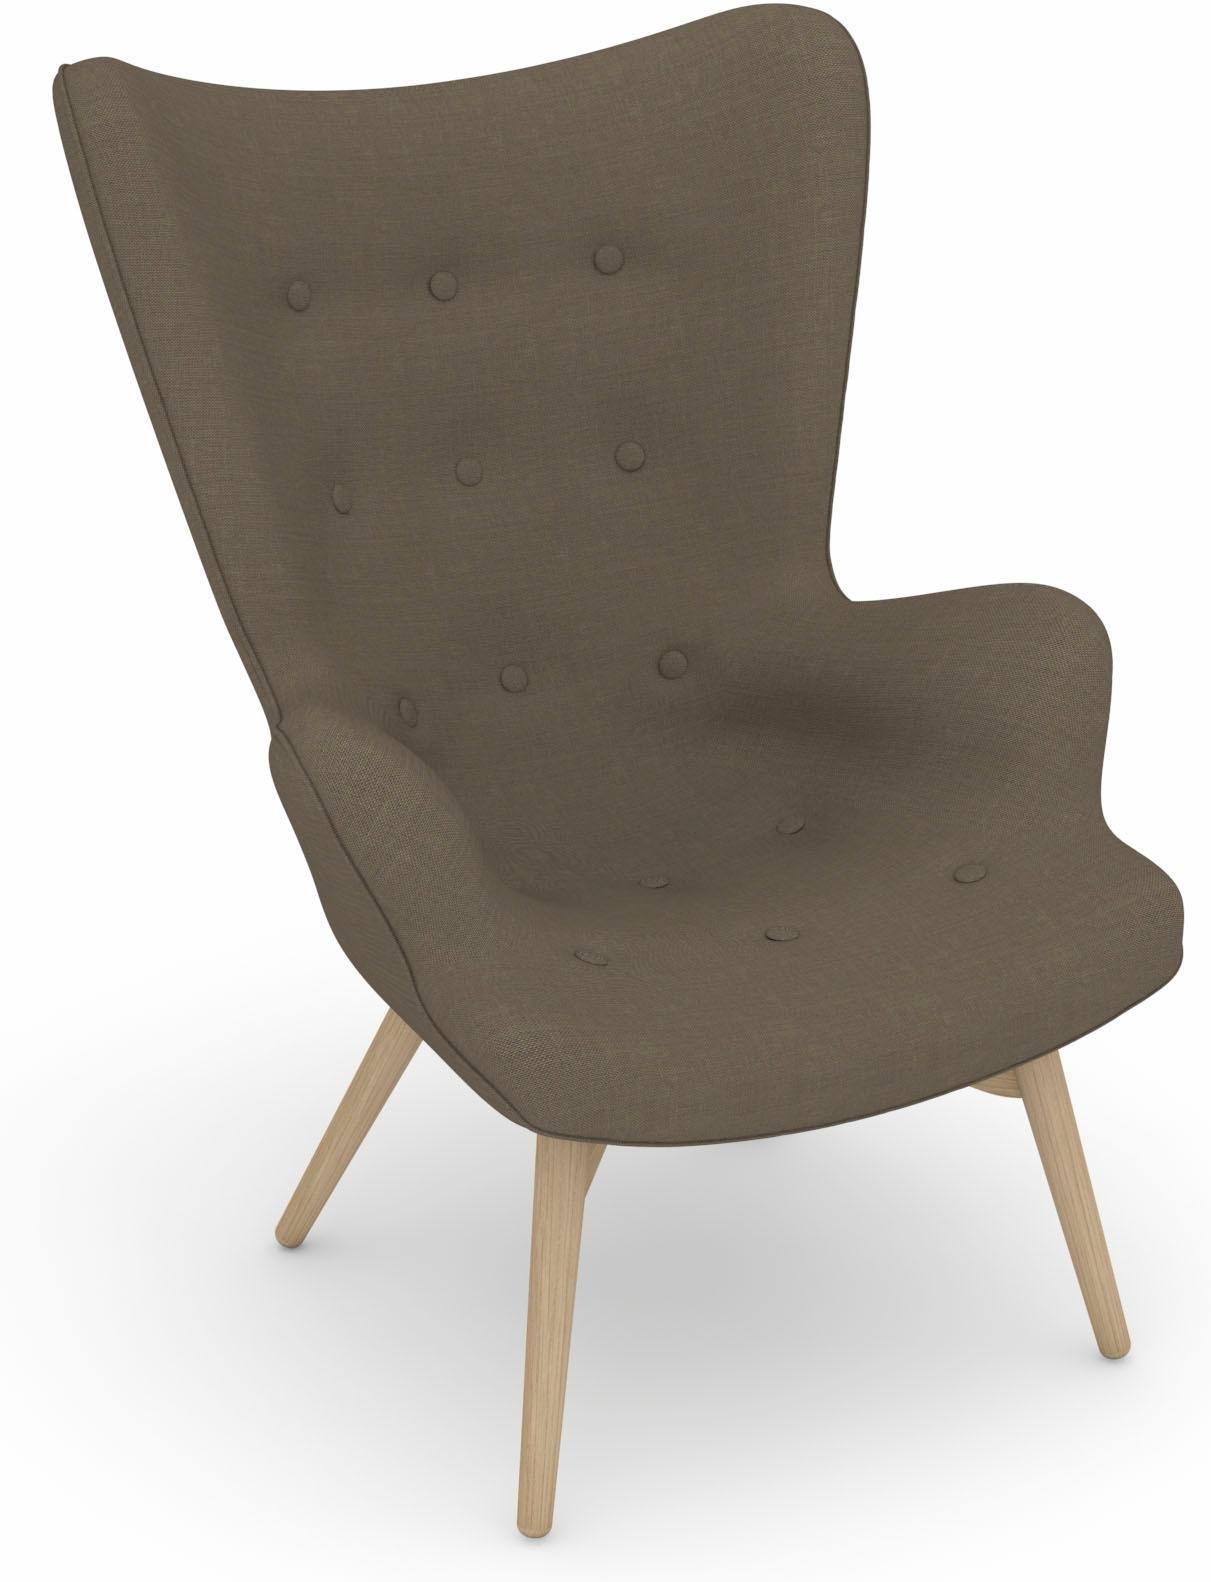 Max Winzer® build-a-chair stoel met hoge rug, fauteuil »Arne« in retro-look, om zelf vorm te geven bestellen: 14 dagen bedenktijd